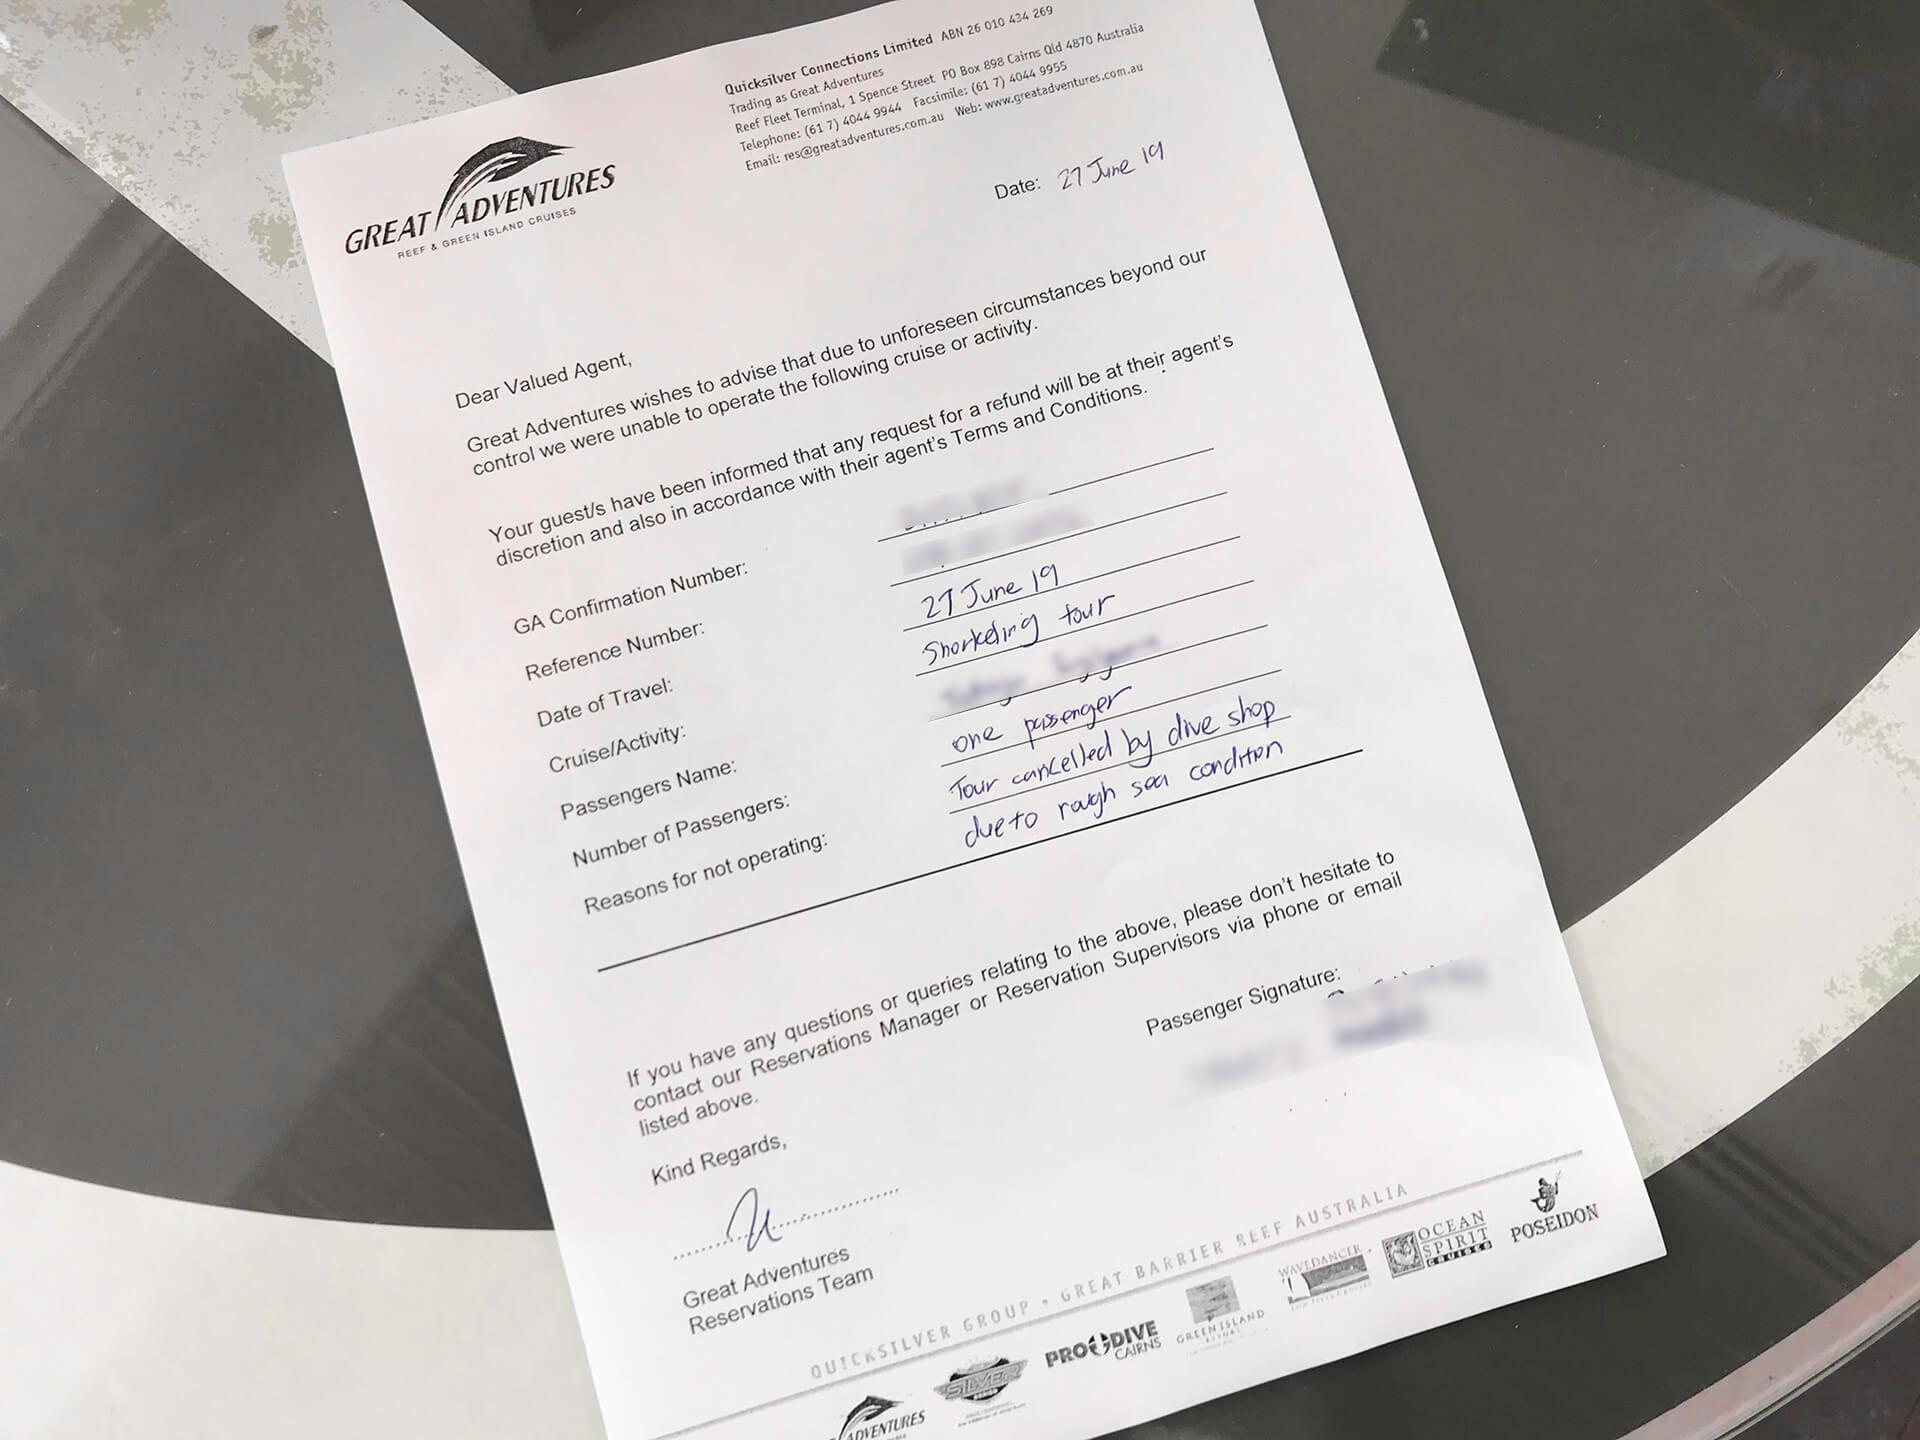 ケアンズ・グリーン島アトラクションキャンセル証明書